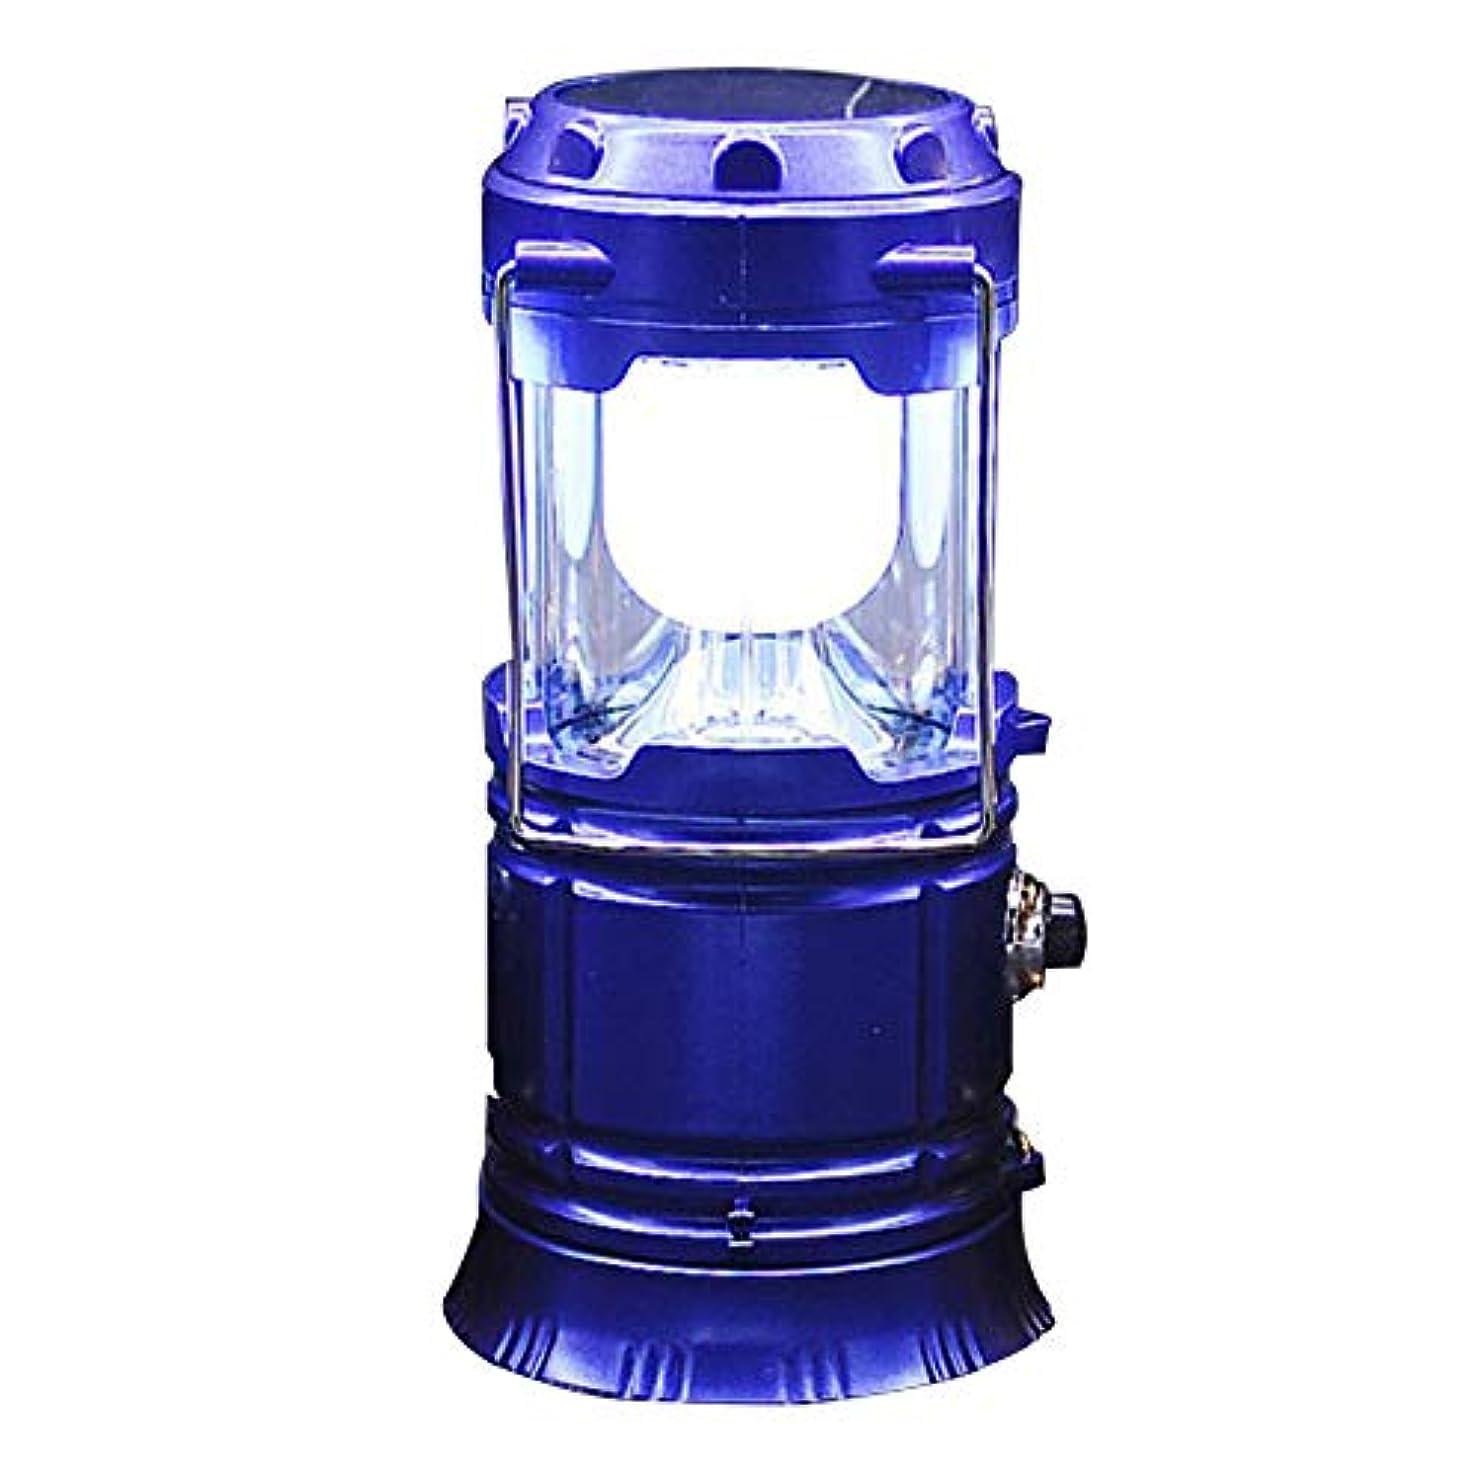 家事地上できつくMilio 懐中電灯充電式ランタン 懐中電灯充電ランタン スーパーブライトLED スーパー明るいLED ソーラーテレスコピックキャンプライト 多用途で便利で実用的な*1(ブルー)